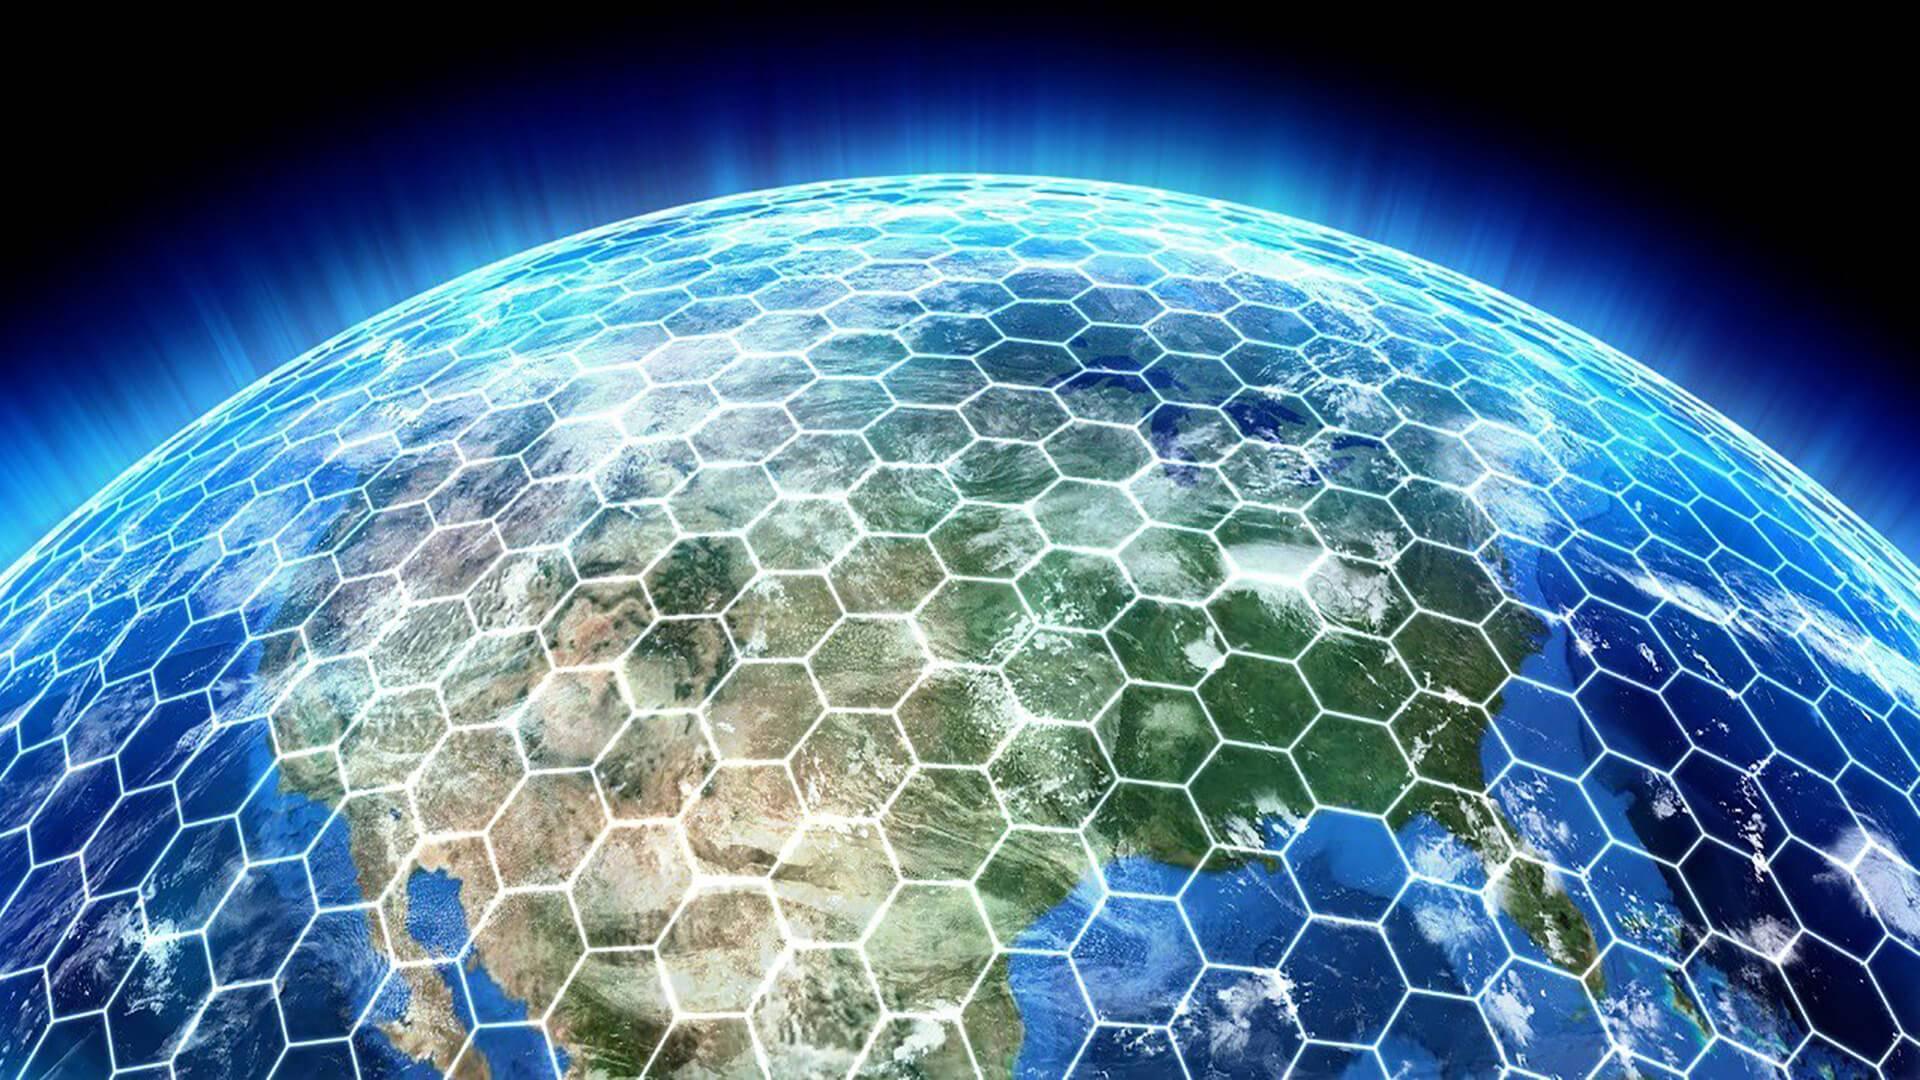 高效的多维空间点索引算法 — Geohash 和 Google S2